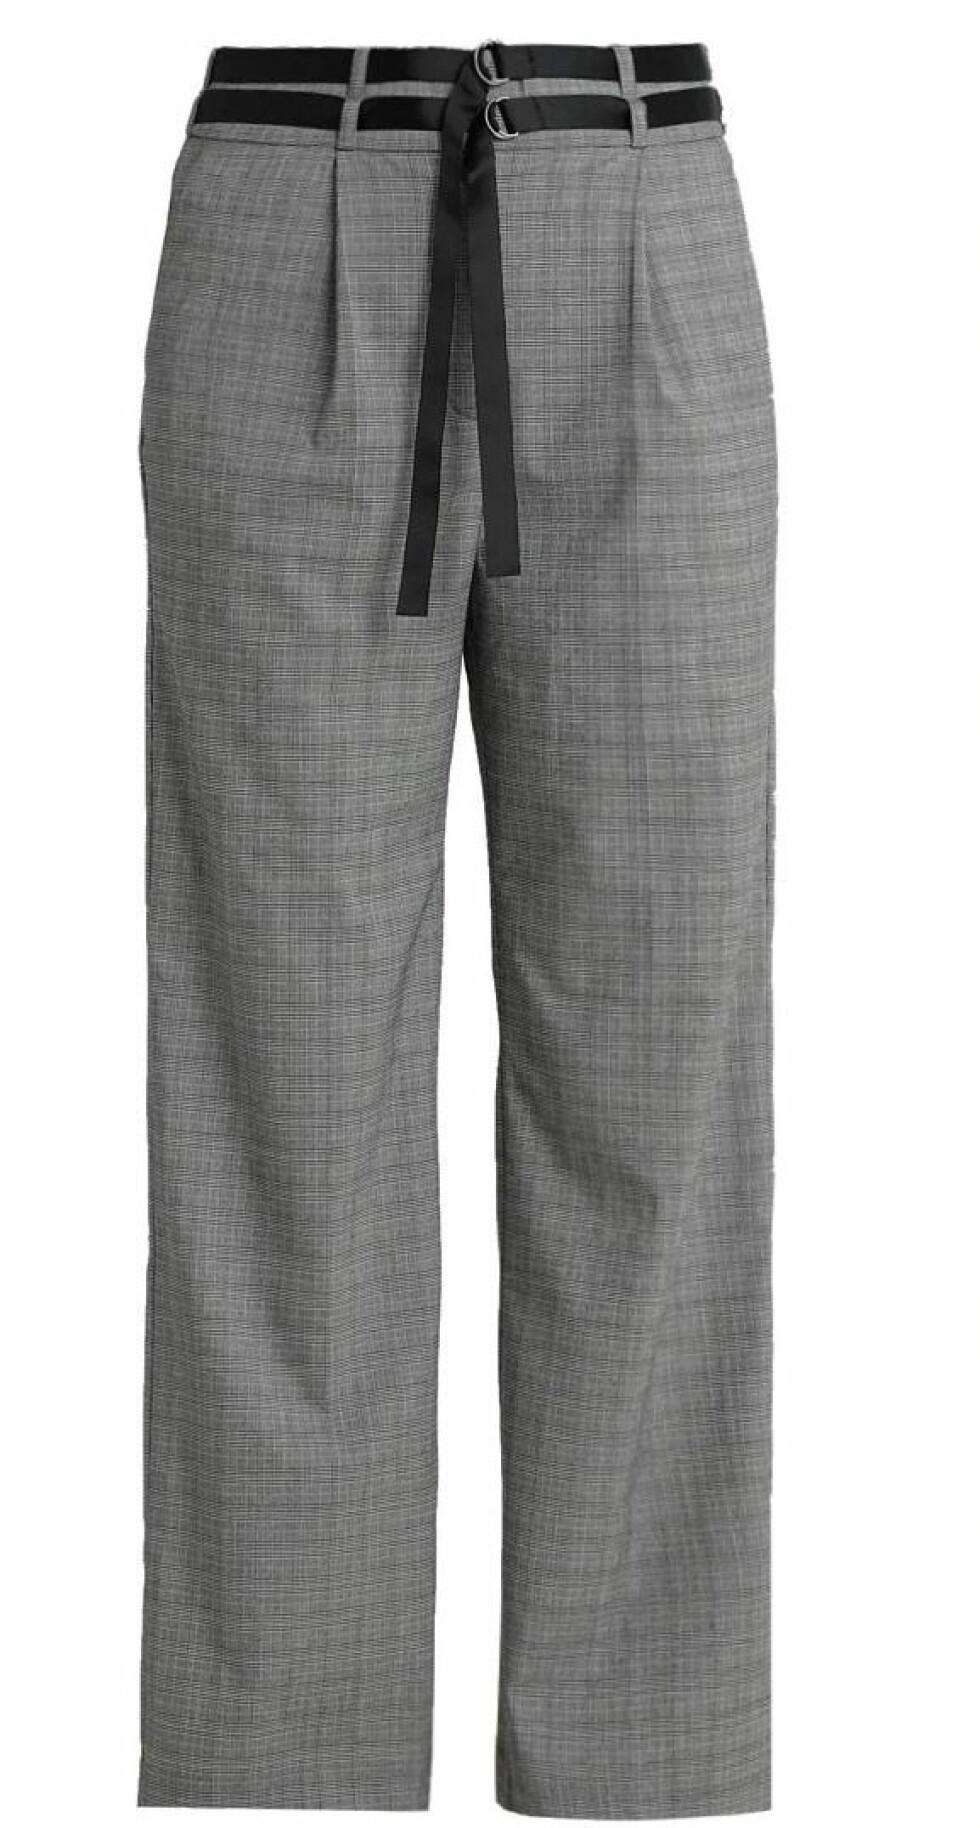 Bukse fra Kiomi |500,-| https://www.zalando.no/kiomi-bukser-blackwhite-k4421a03d-q11.html